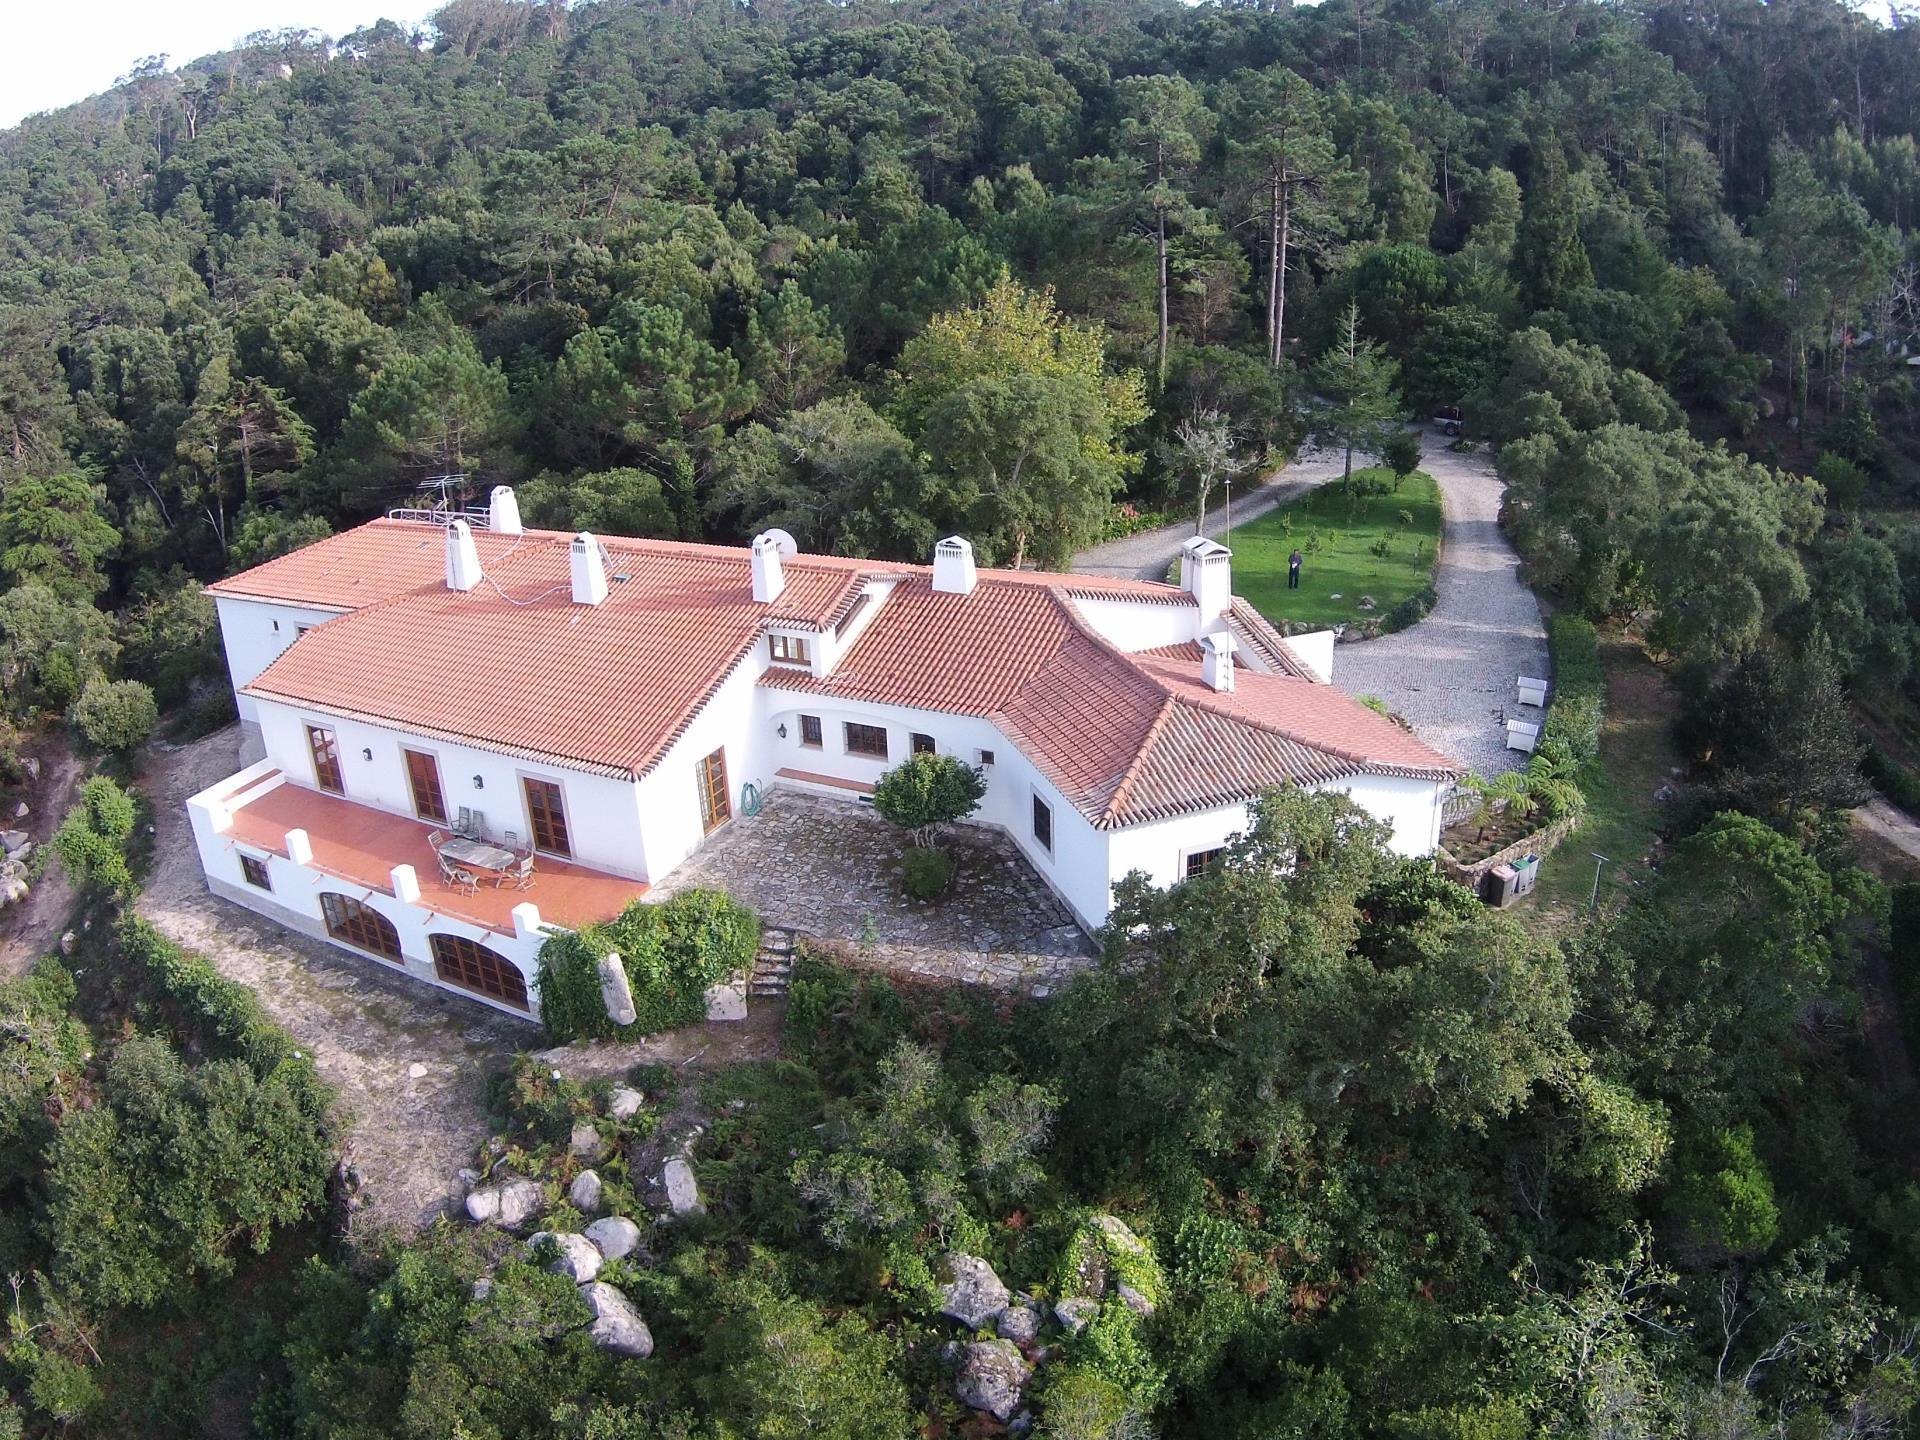 Fattoria / ranch / campagna per Vendita alle ore Farm, 7 bedrooms, for Sale Sintra, Sintra, Lisbona Portogallo